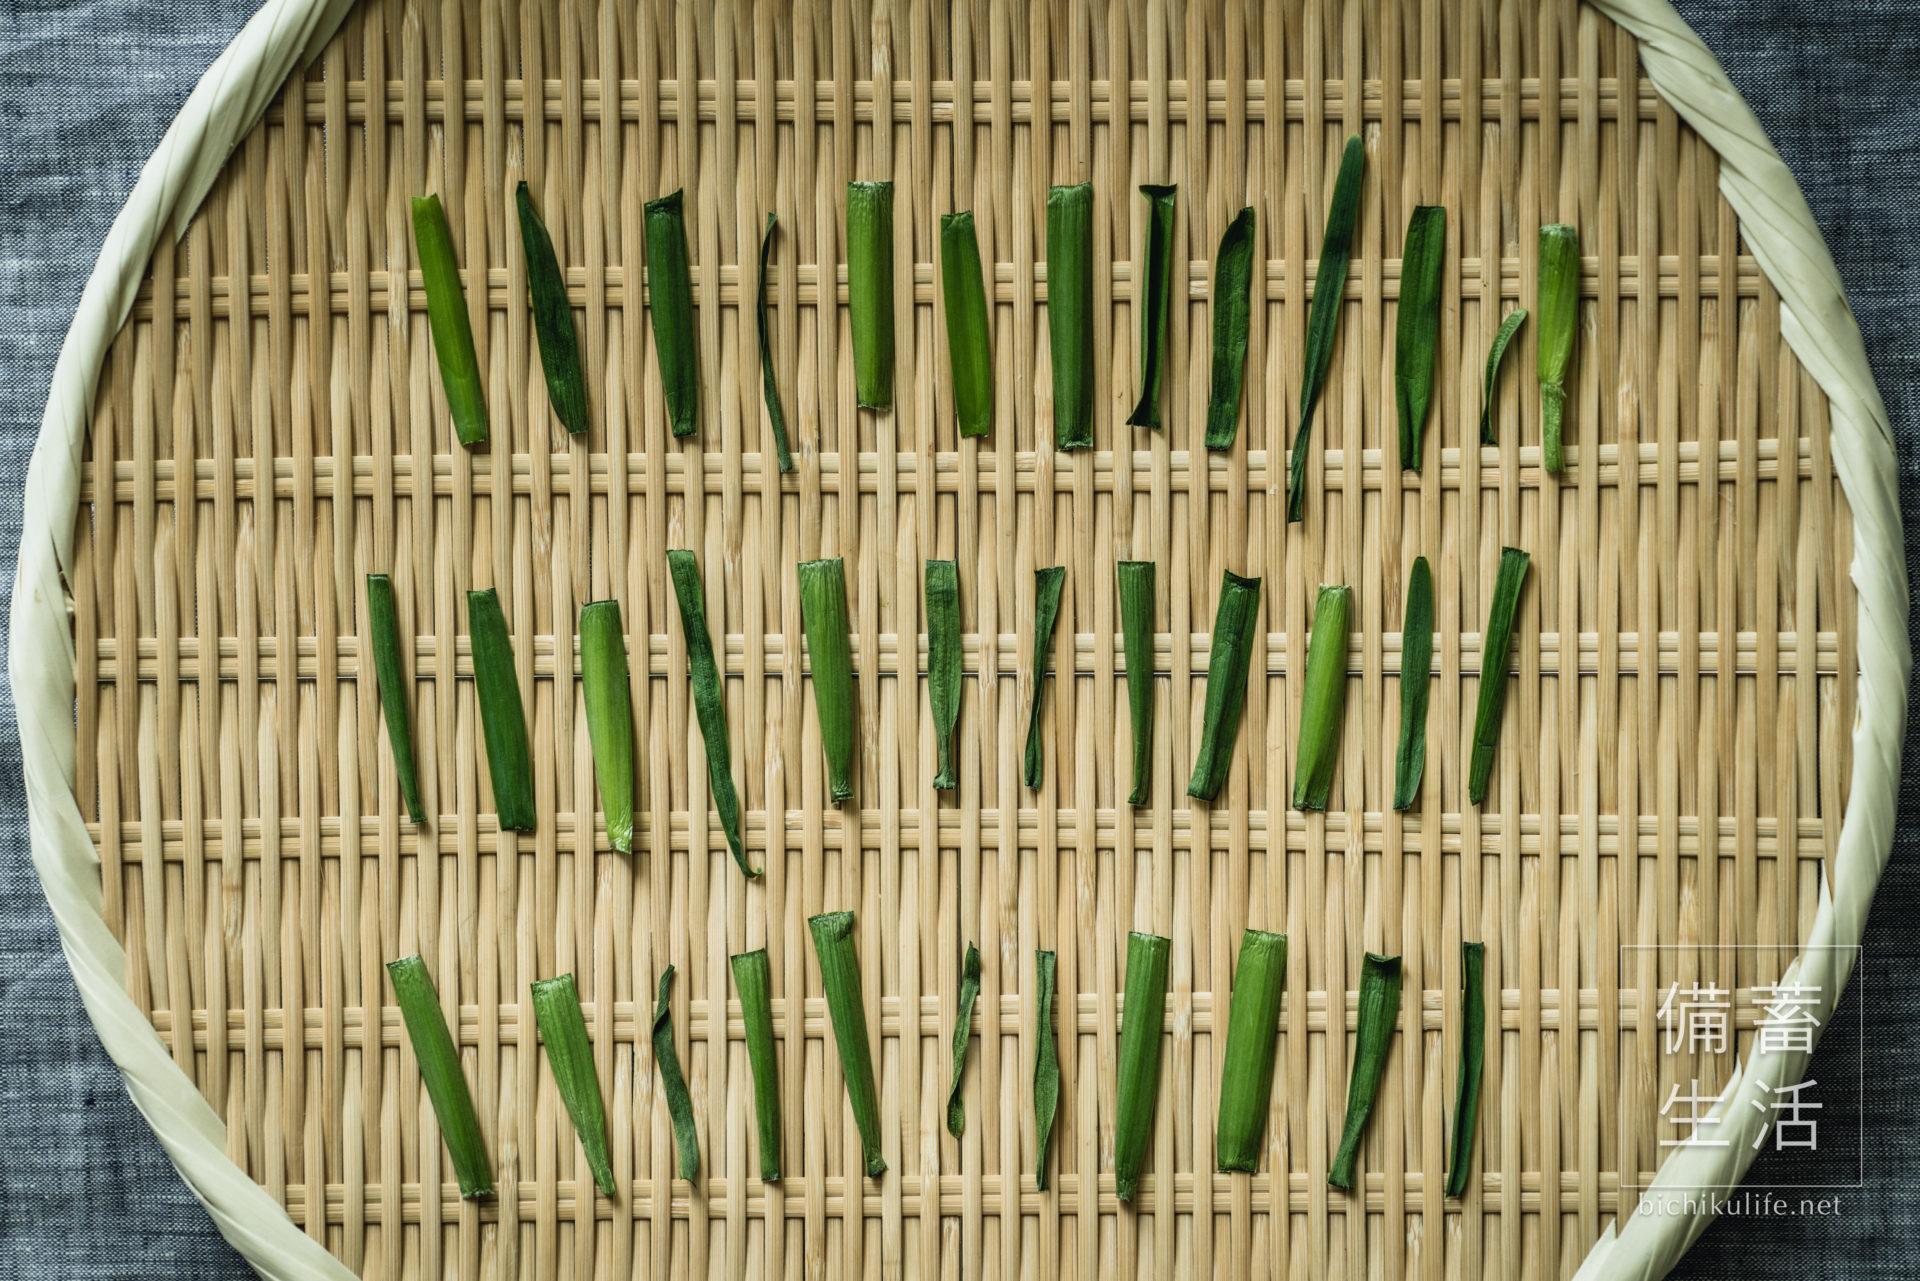 にら 干し野菜づくり|干し韮の作り方